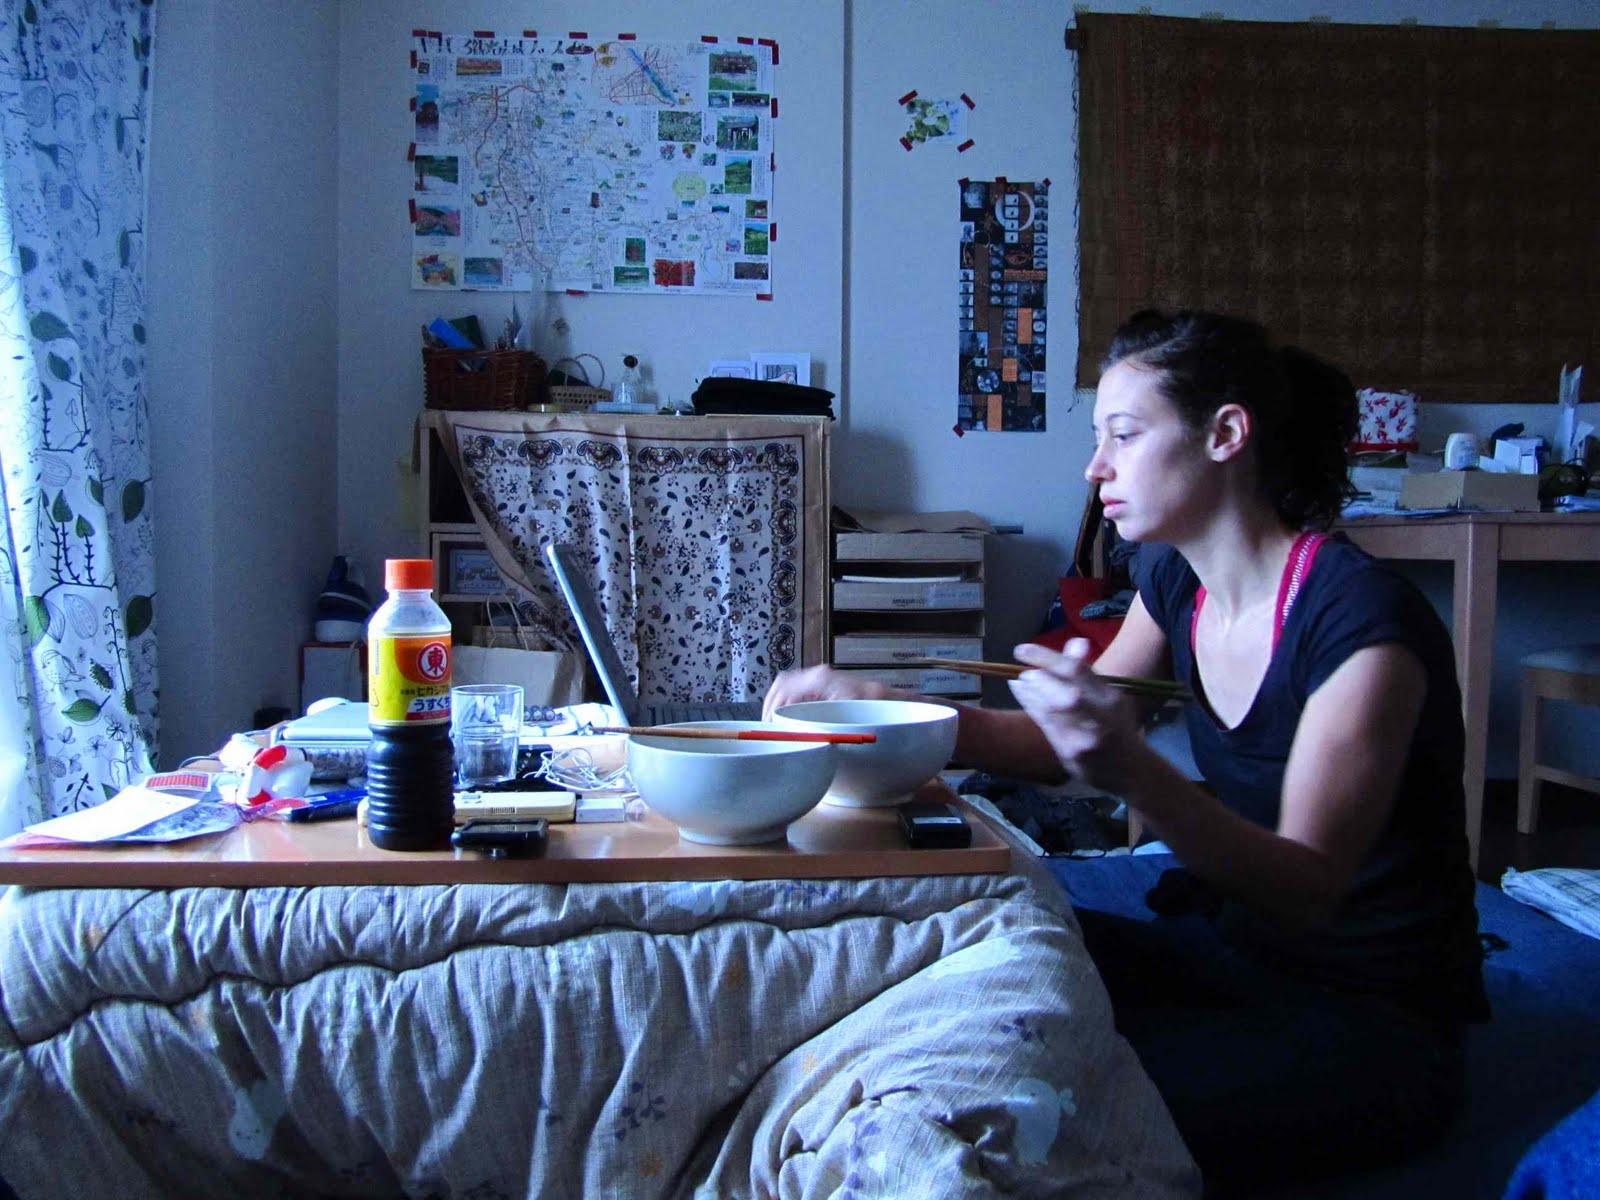 Wohnen In Tokio lonelysock märz 2011